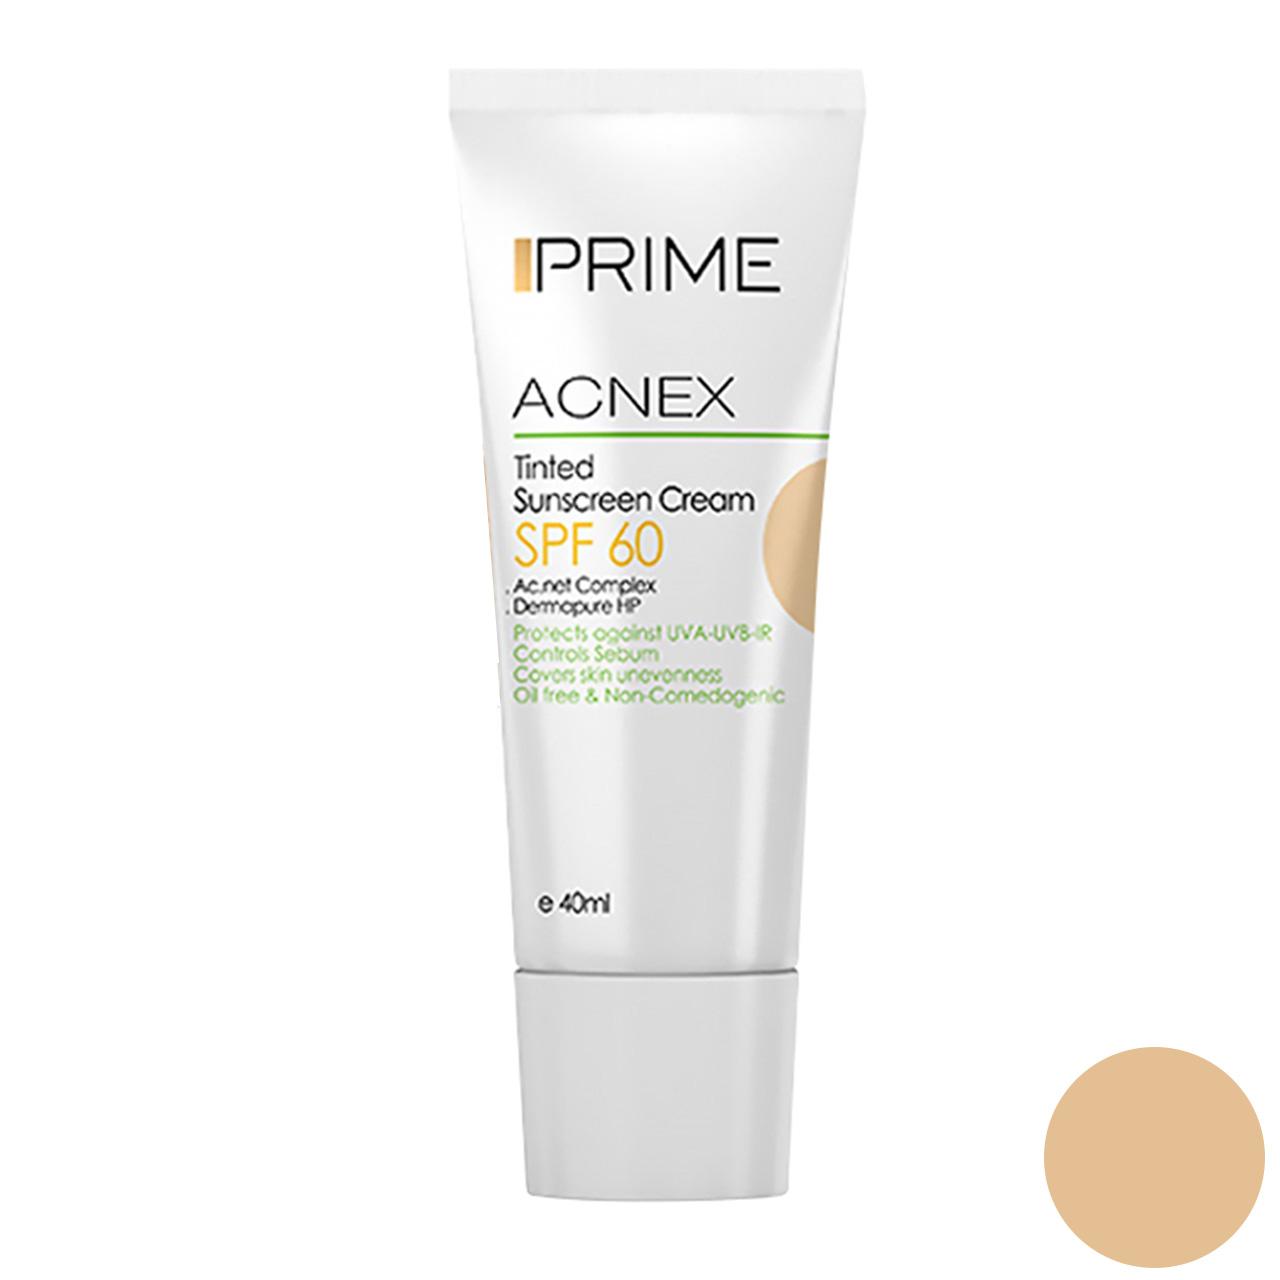 قیمت کرم ضد آفتاب رنگی پریم مدل  Acnex Tinted SPF60 بژ روشن